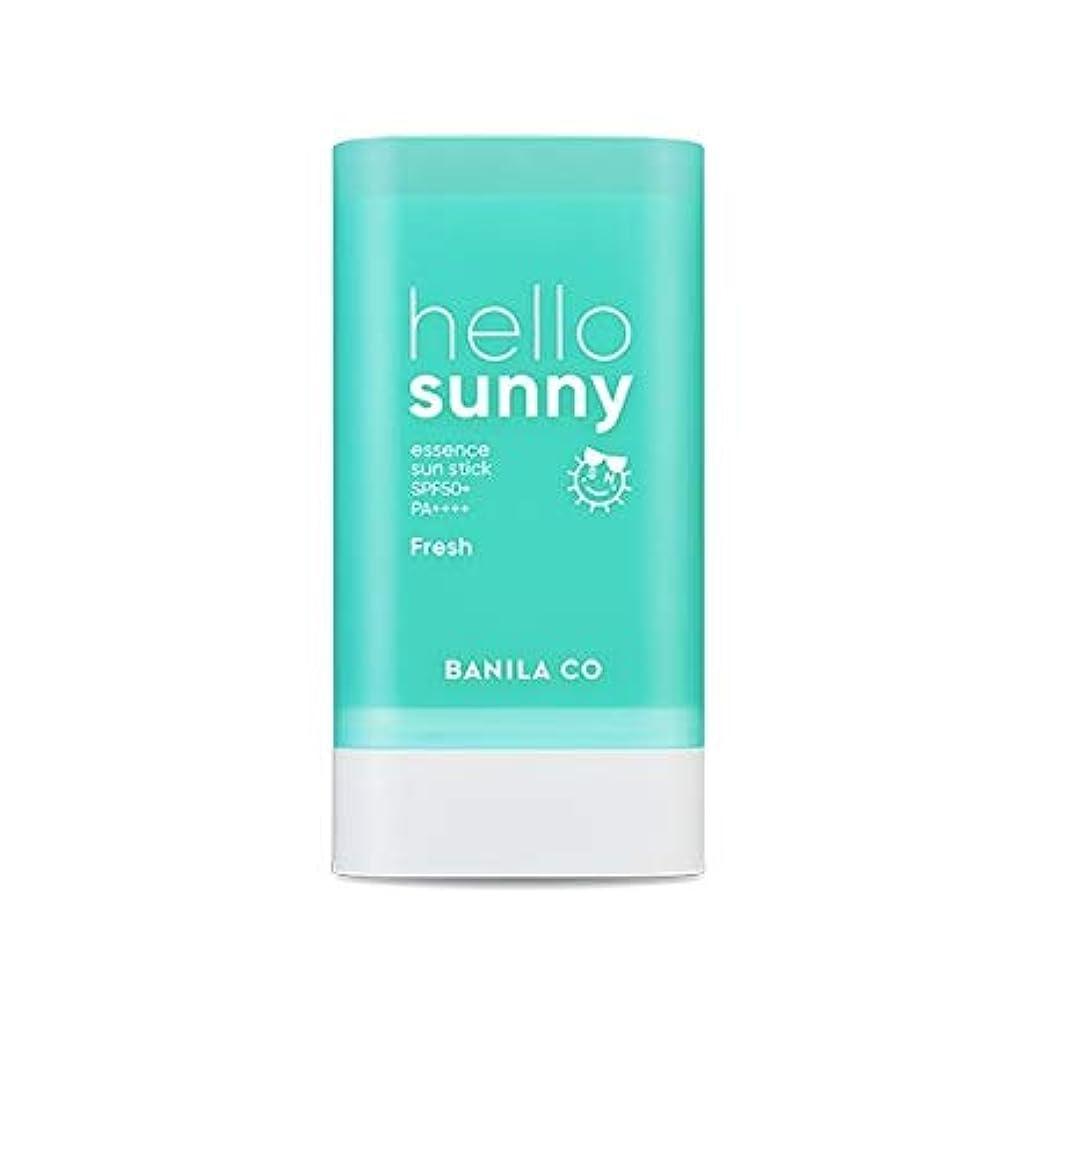 悲惨廊下コショウbanilaco ハローサニーエッセンスサンスティックフレッシュ/Hello Sunny Essence SunStick Fresh 18.5g [並行輸入品]